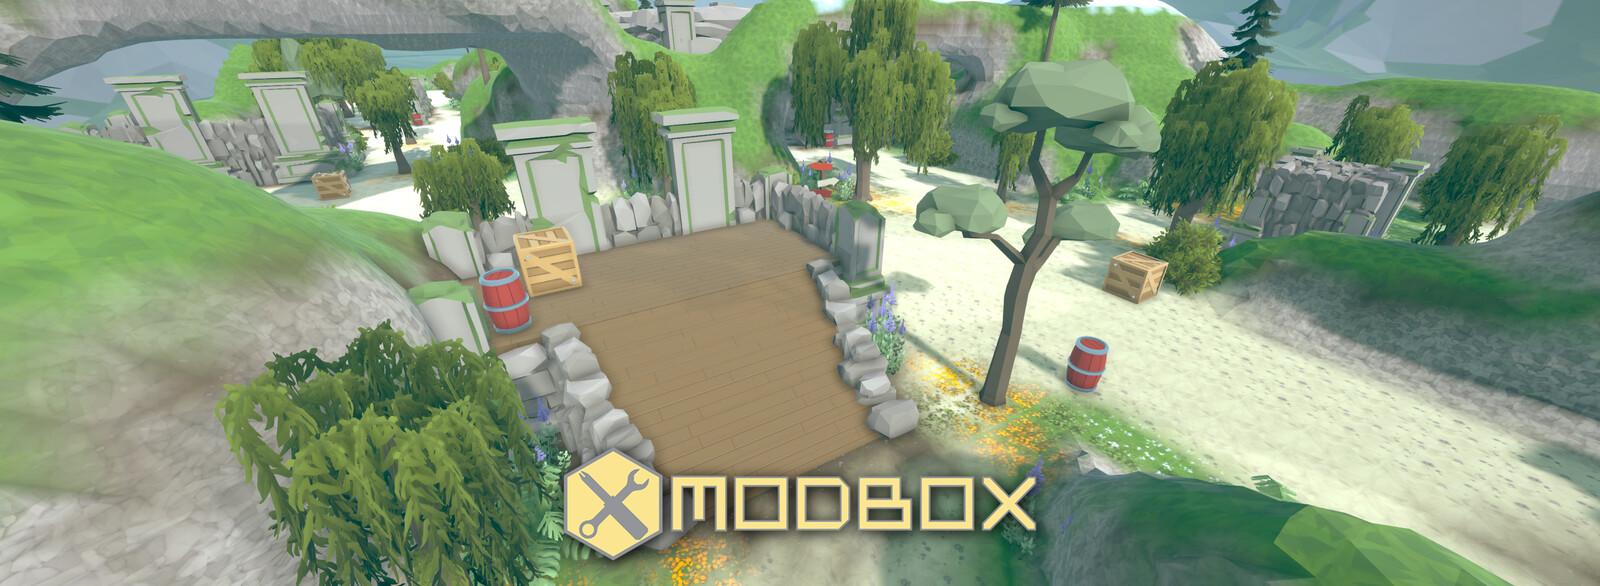 Modbox: Mountains